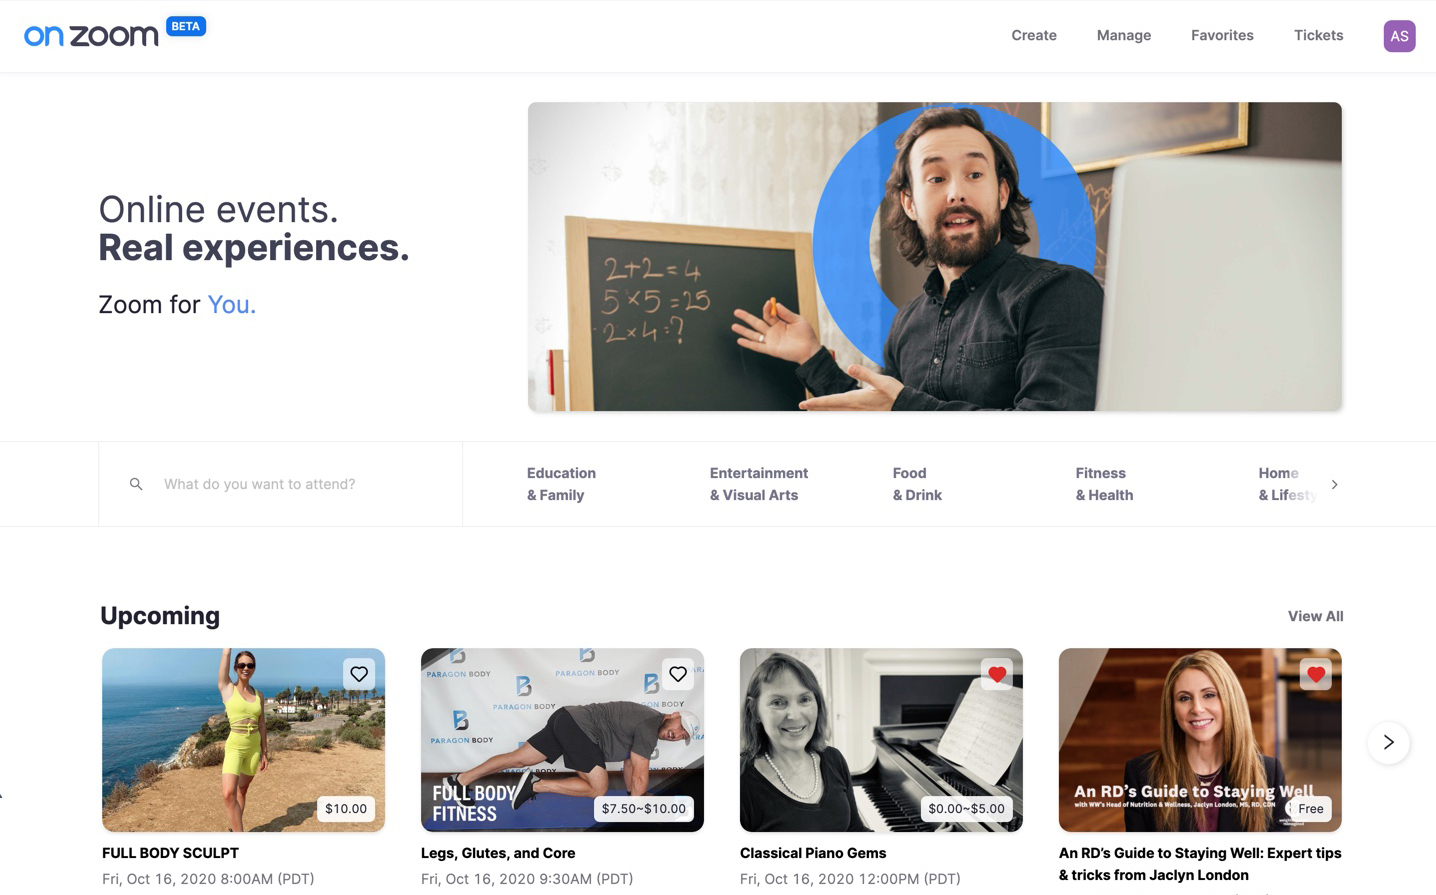 onzoom-homepage-new